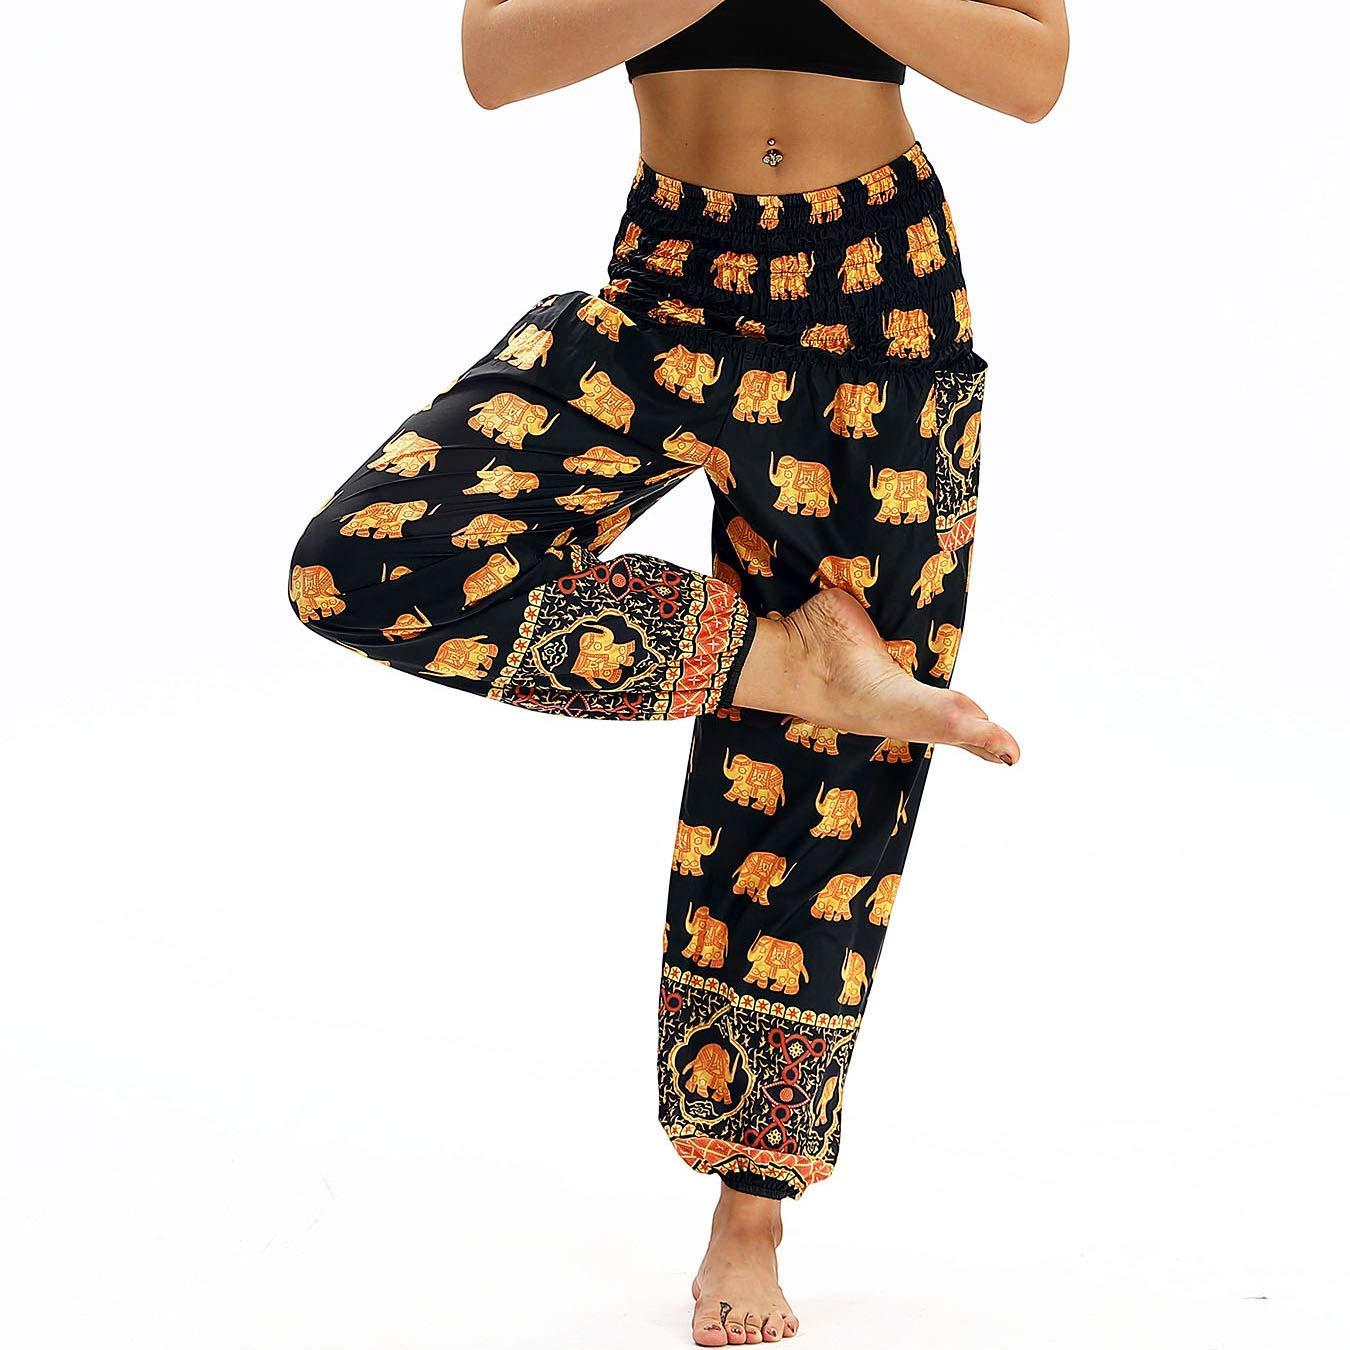 Nuofengkudu Mujer Pantalones Hippies Tailandeses Estampado Verano Cintura Alta Elastica con Bolsillos para Yoga Pants Casual Amarillo Elefante: Amazon.es: ...